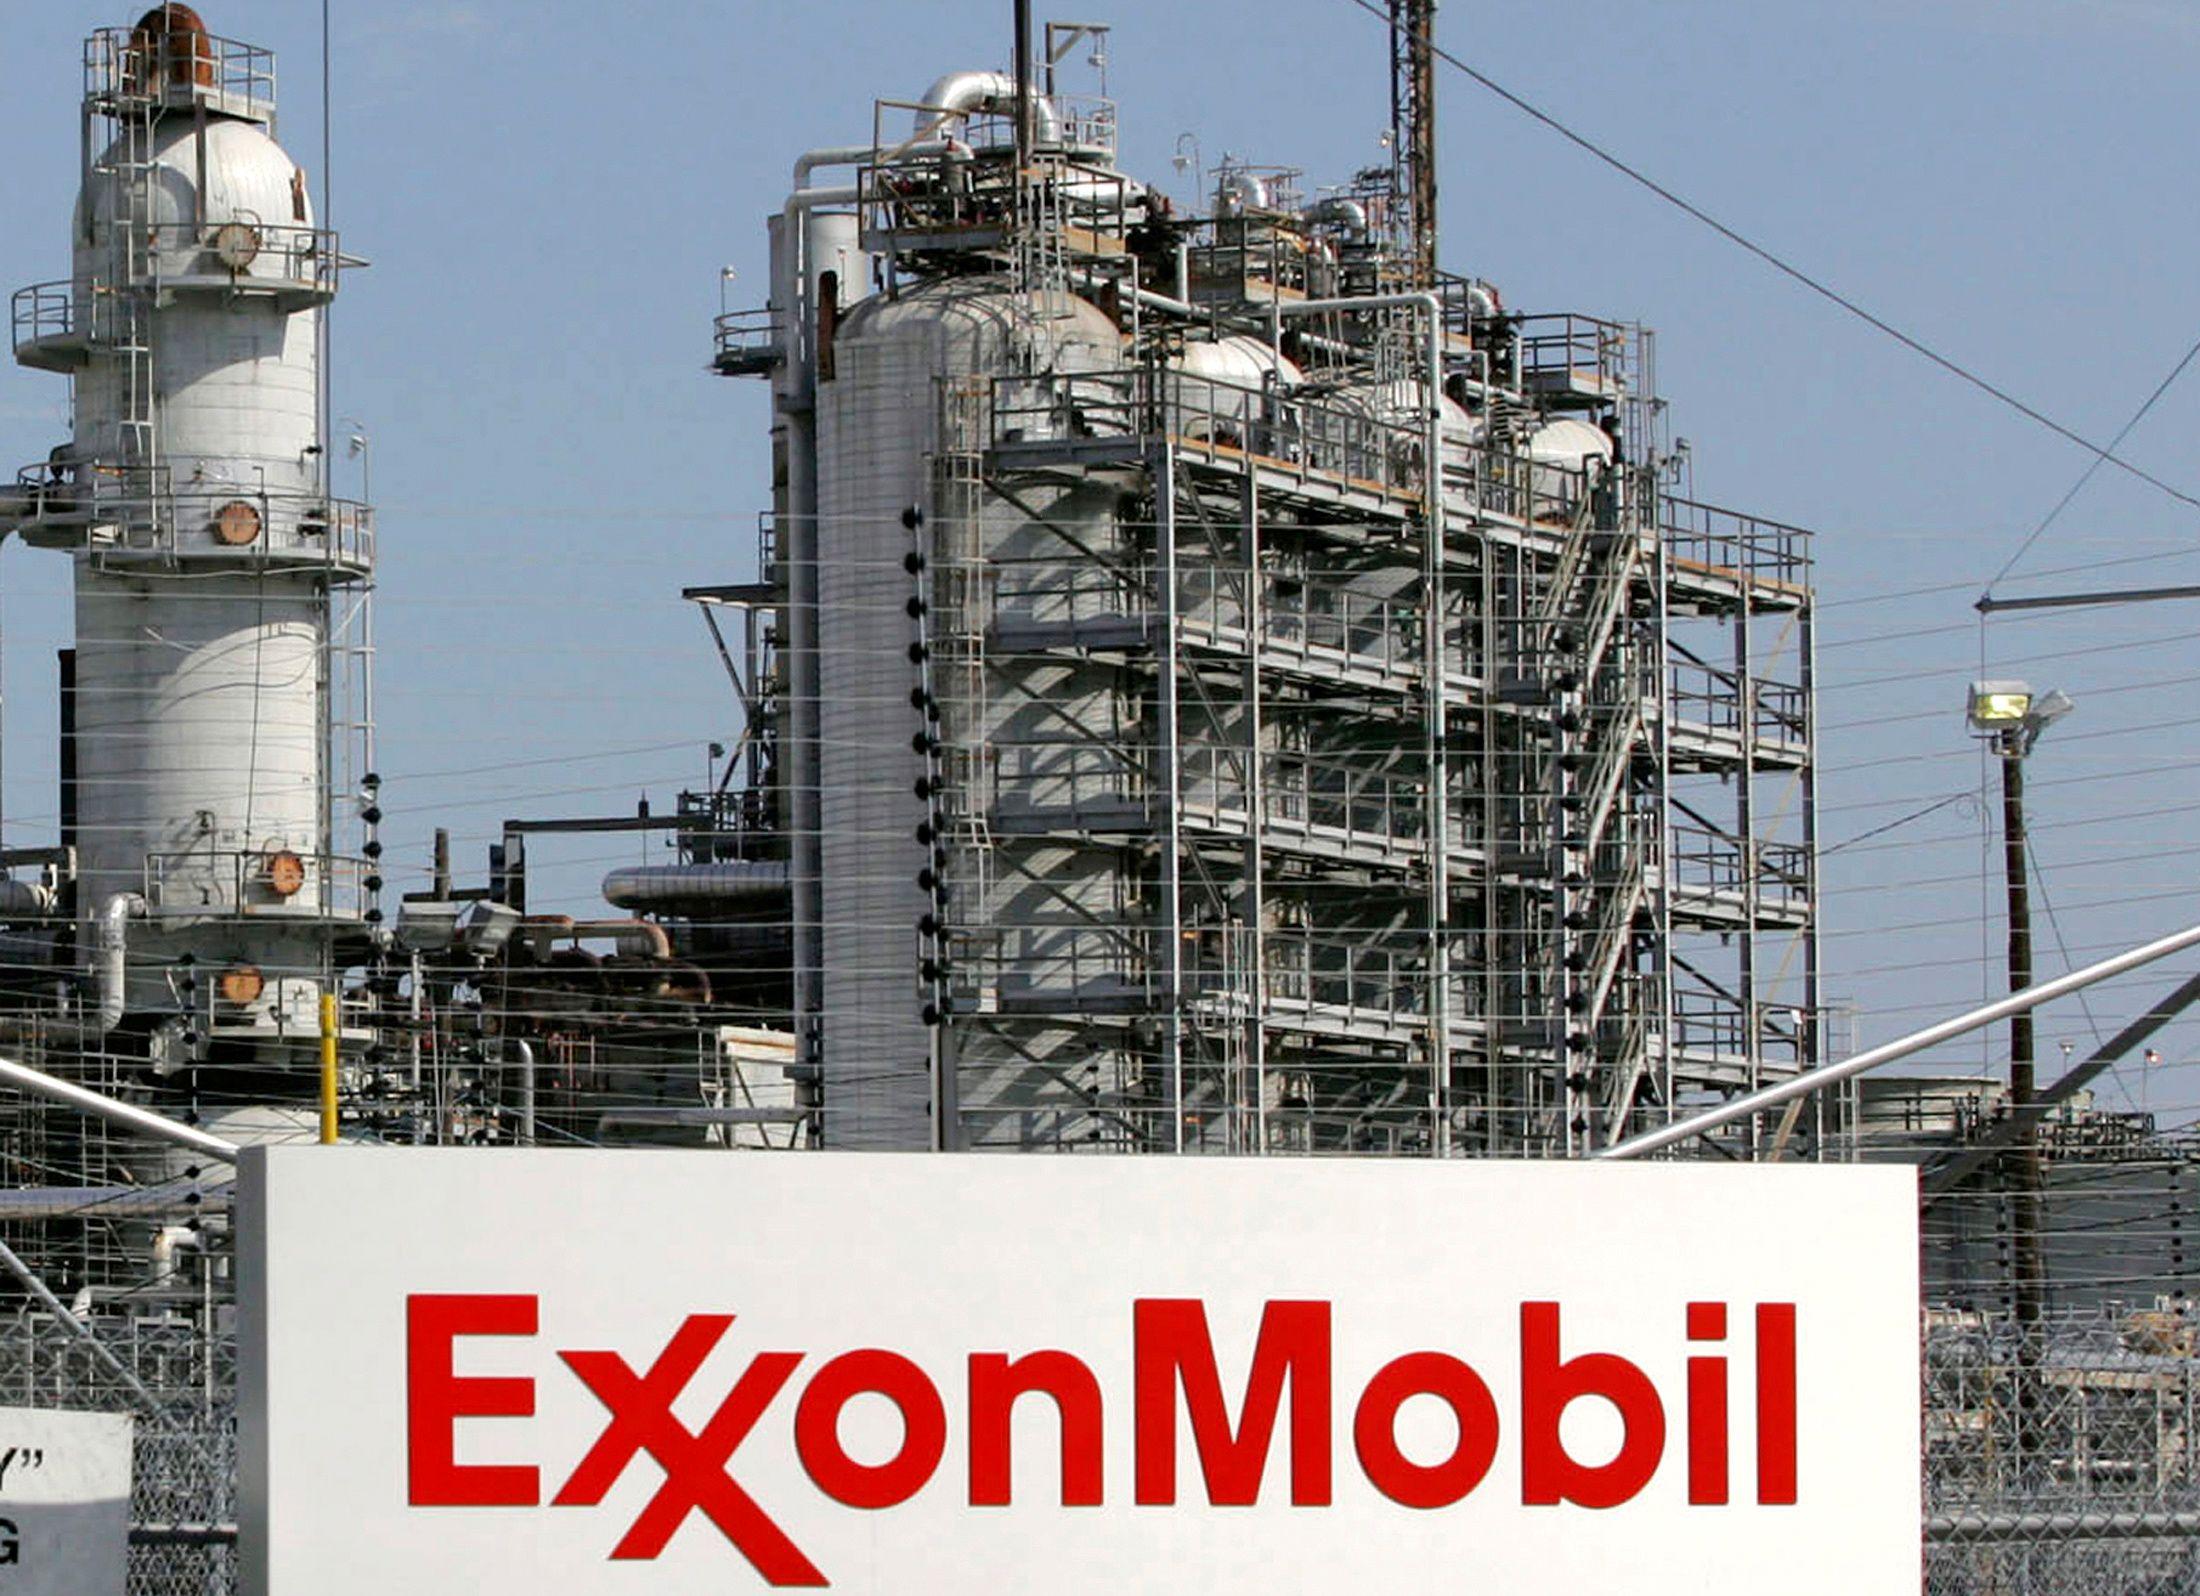 Una de las refinerías de Exxon Mobil en Baytown, Texas (Estados Unidos)